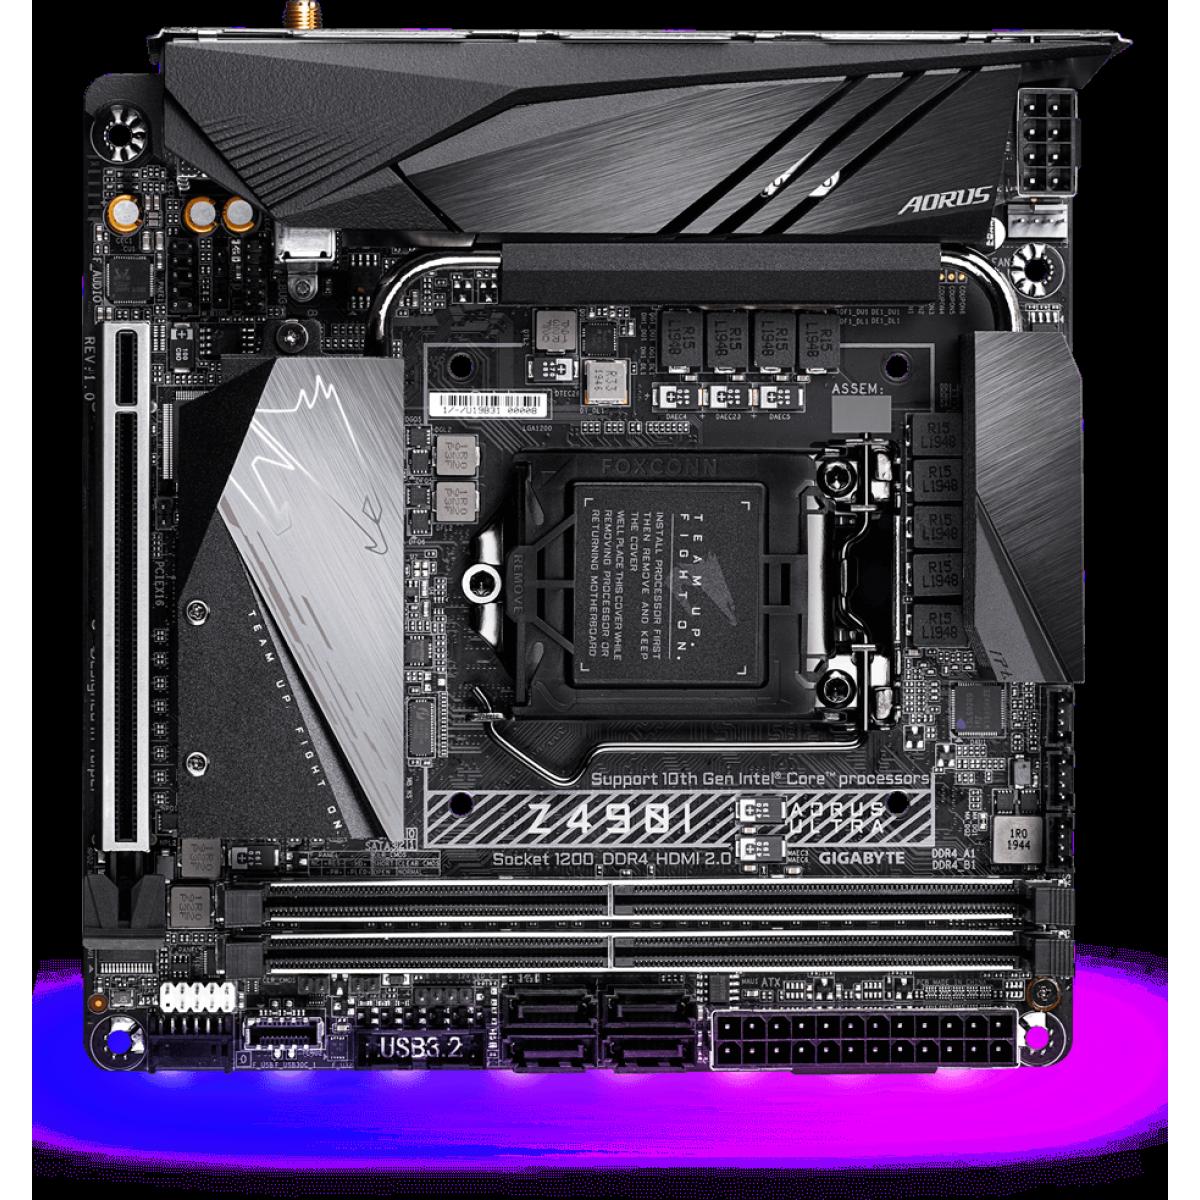 Placa Mãe Gigabyte Z49I Aorus Ultra 1.0, Chipset Z490, Intel LGA 1200, Wi-Fi, Mini-ITX, DDR4